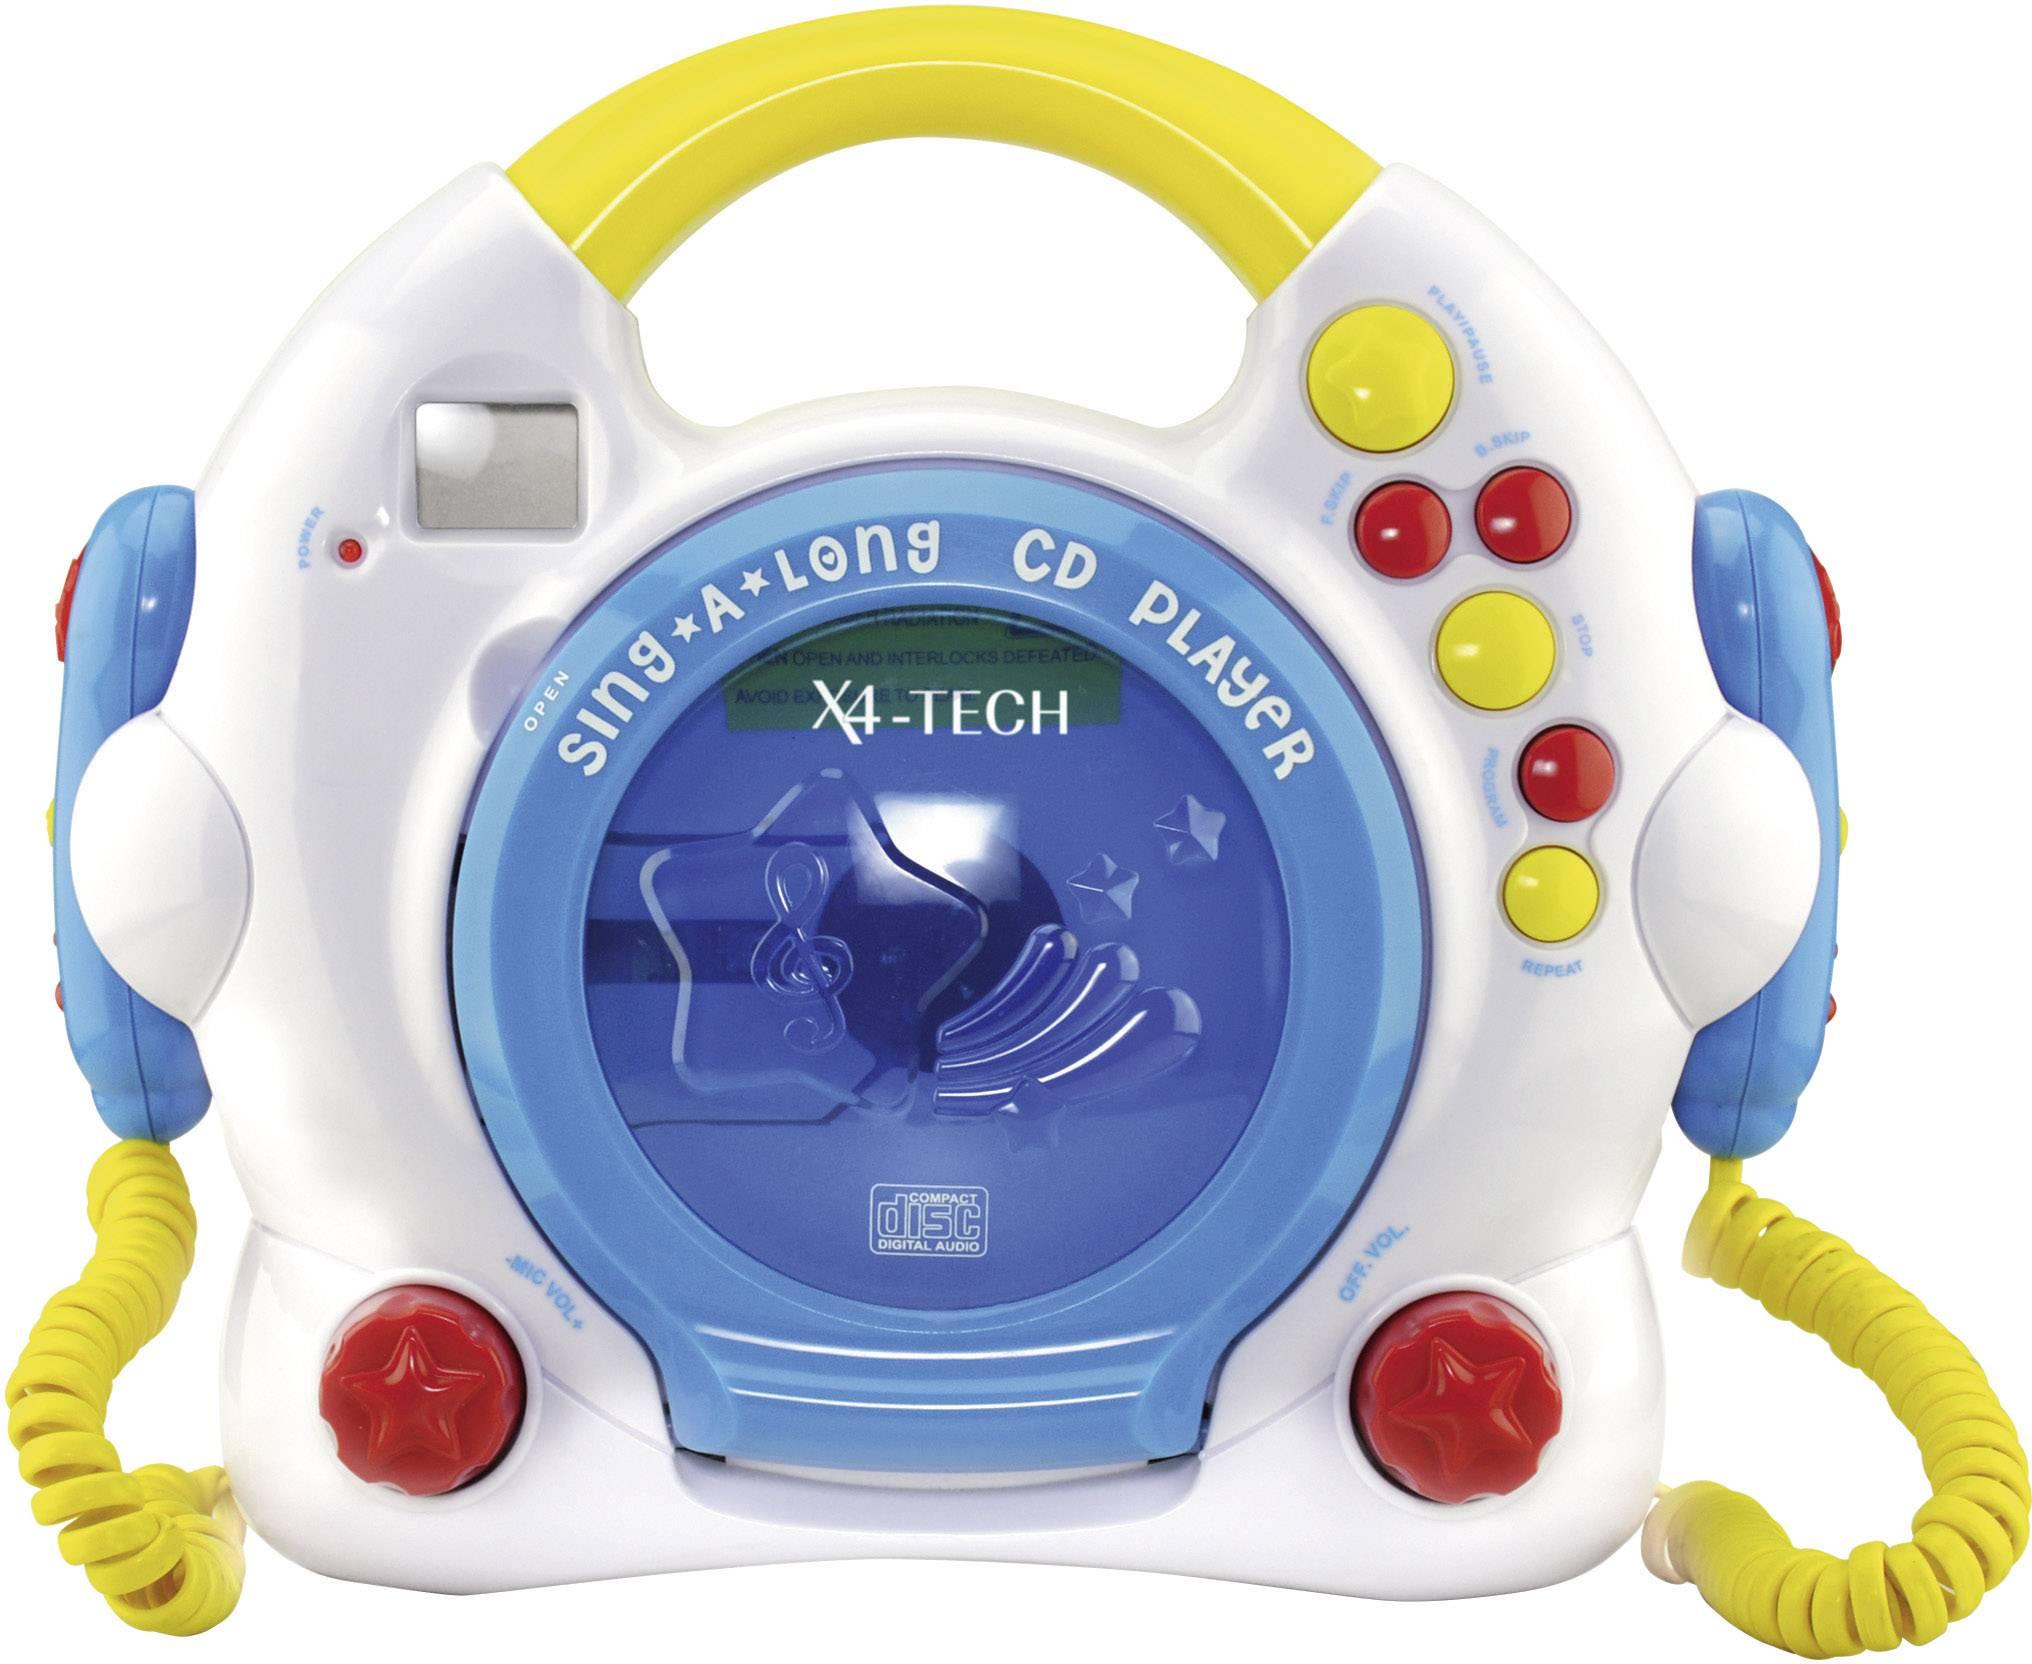 Dětský CD přehrávač